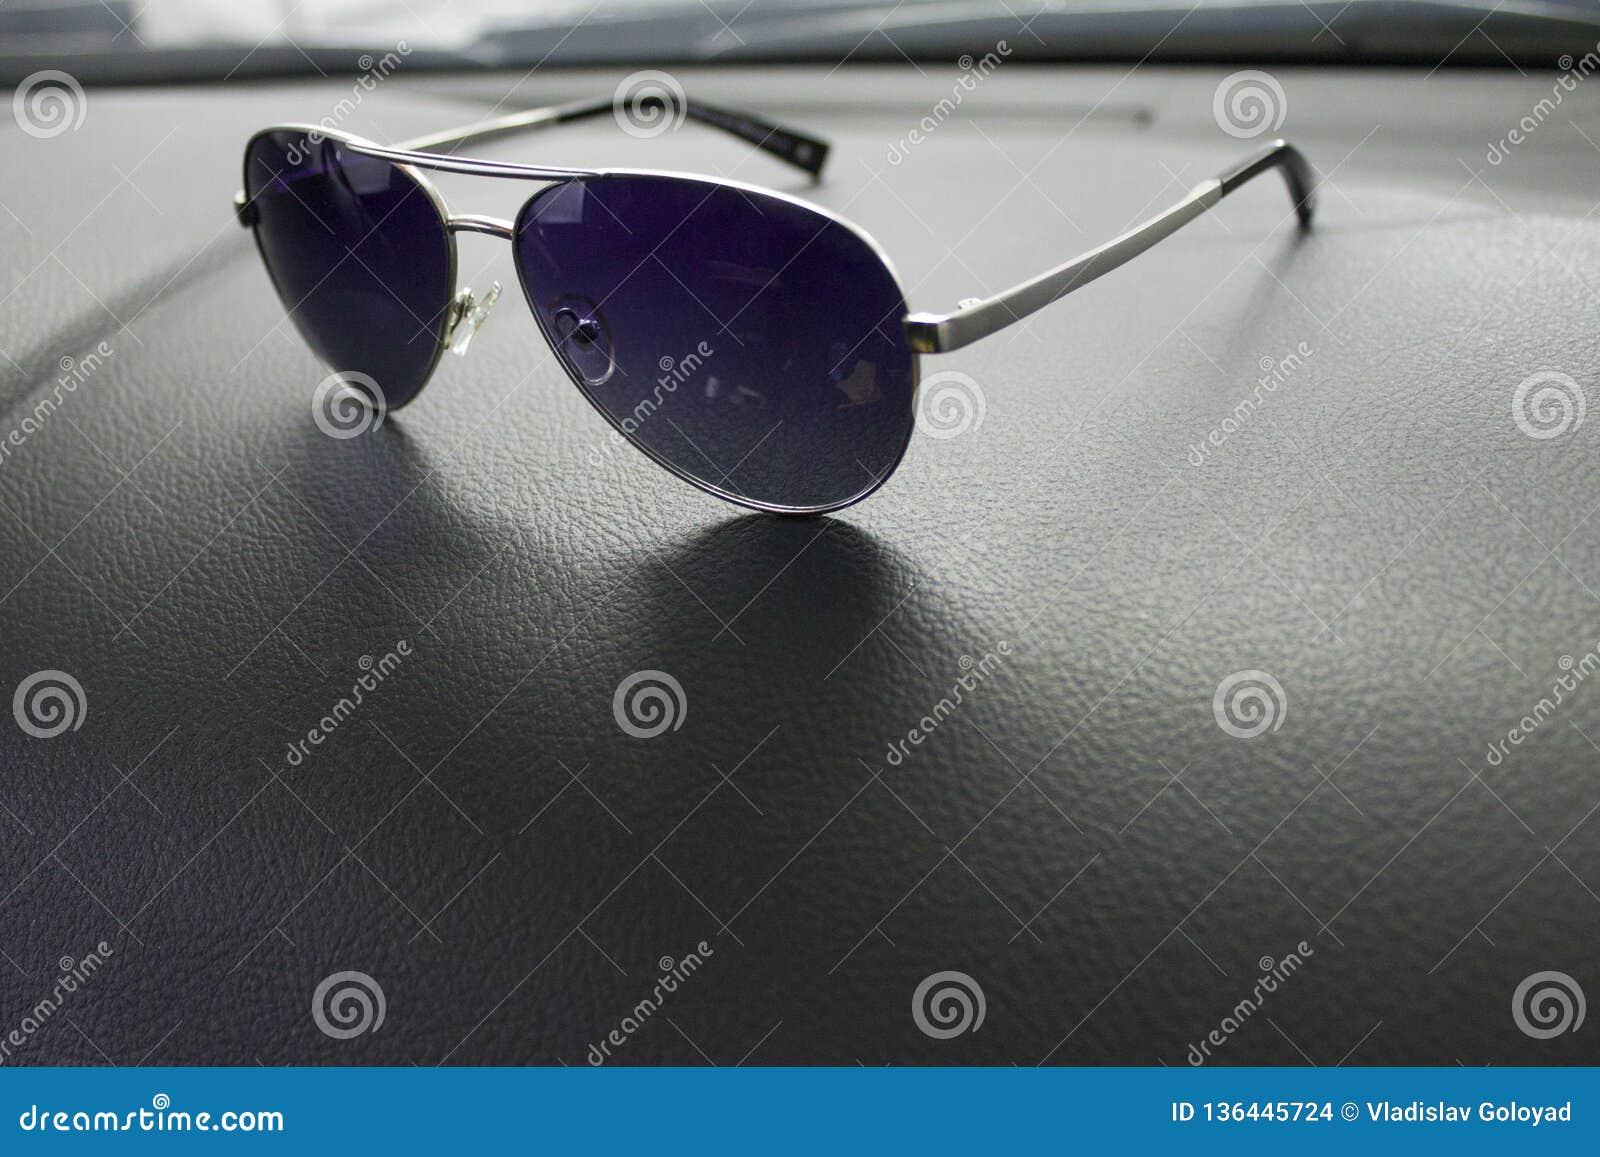 Sonnenbrille liegt im Auto